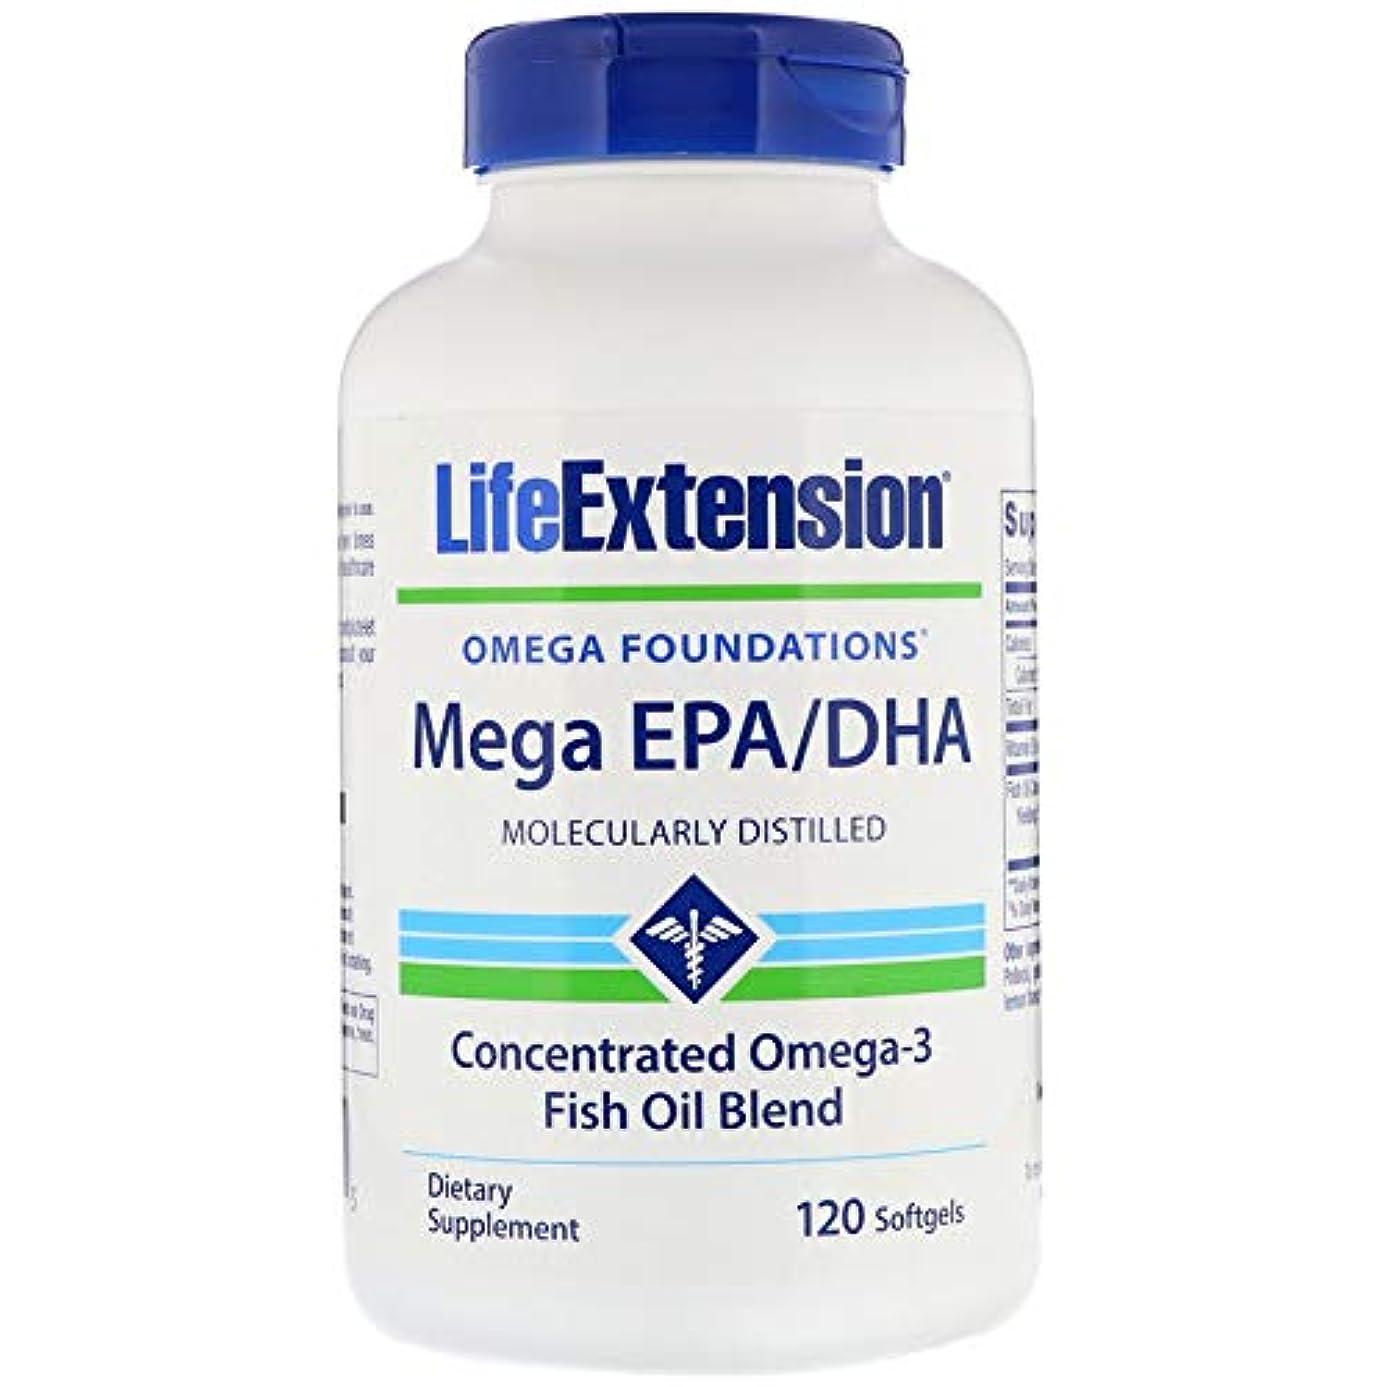 コンピューターを使用する受取人と遊ぶメガ EPA/DHA600 mg含有/粒 120粒ソフトジェルカプセル 海外直送品